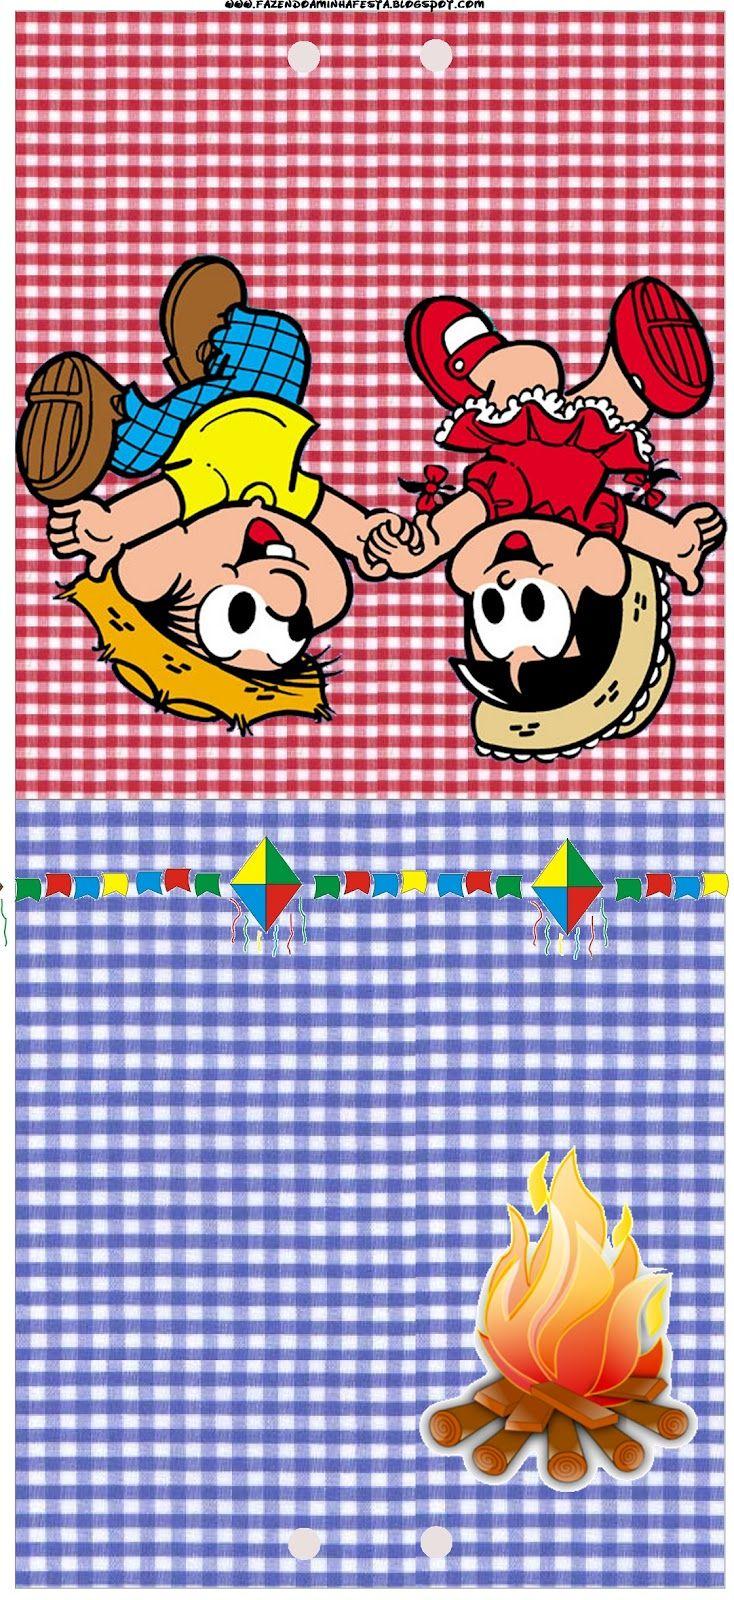 printables festa junina - Pesquisa Google | Festa Junina | Pinterest